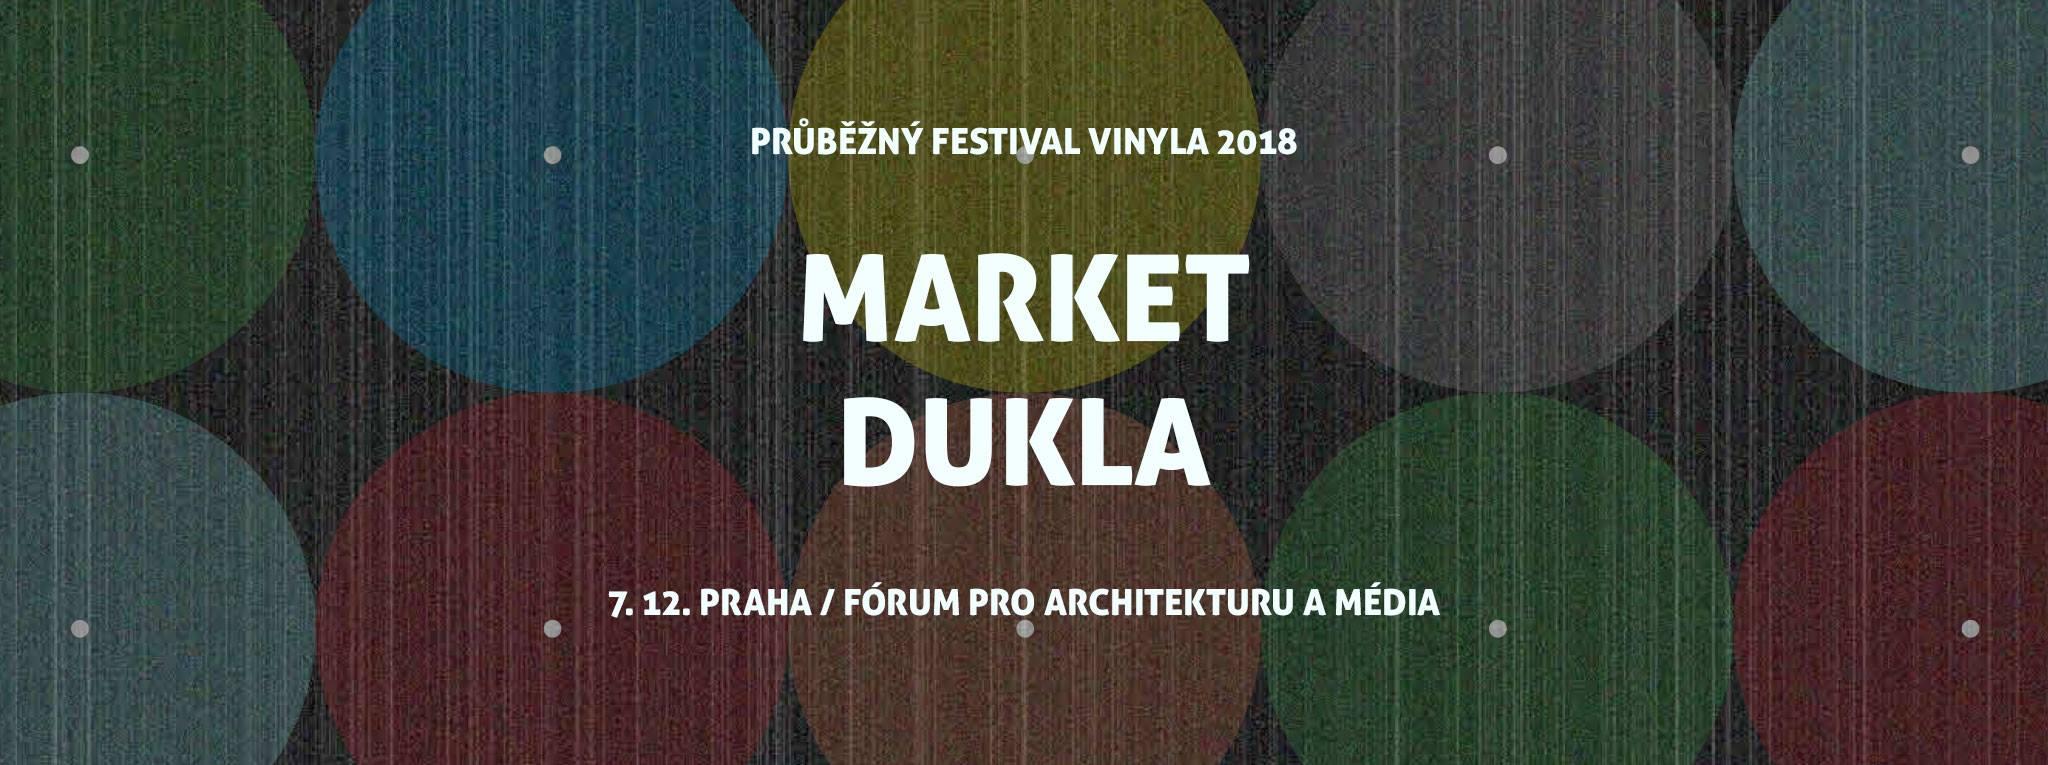 PÁ / 7.12. / 20.00 / Vinyla: Dukla, Market / koncert